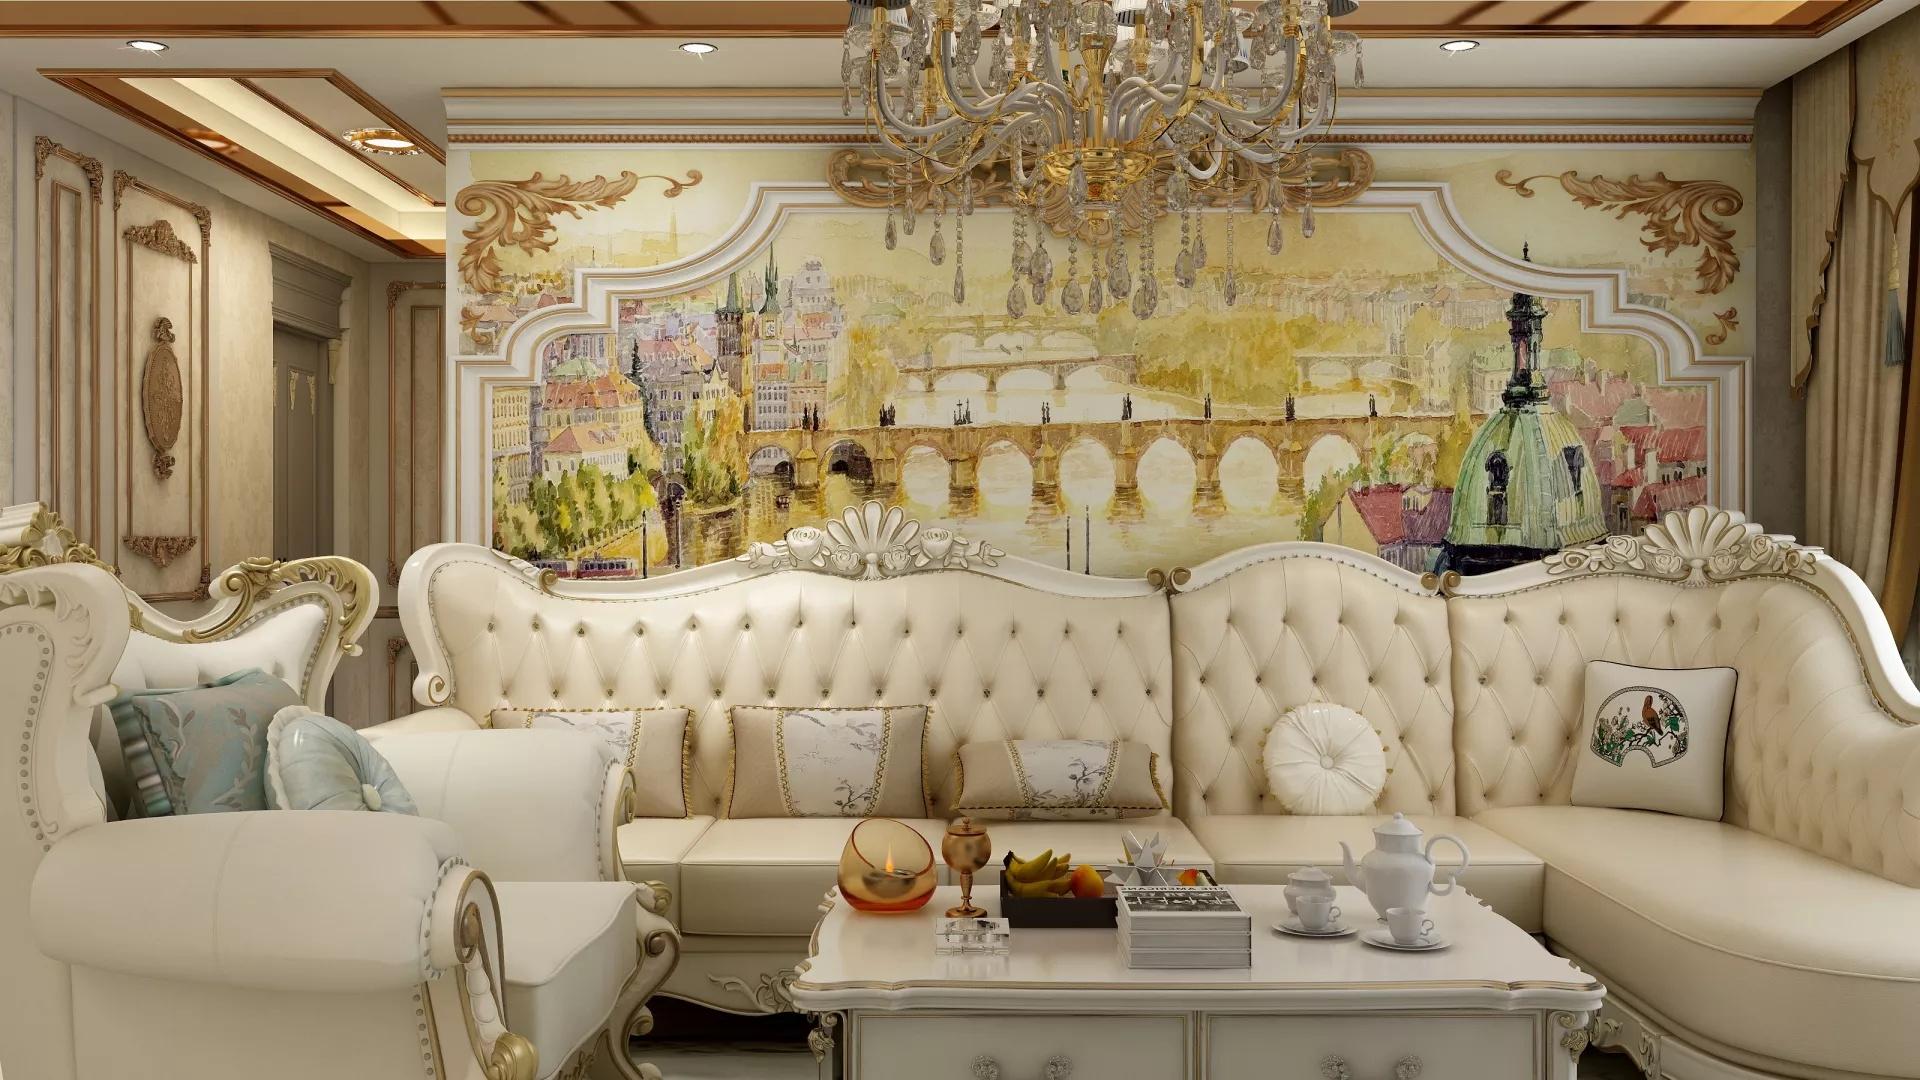 餐厅,现代简约风格,灯具,餐桌,简洁,温馨